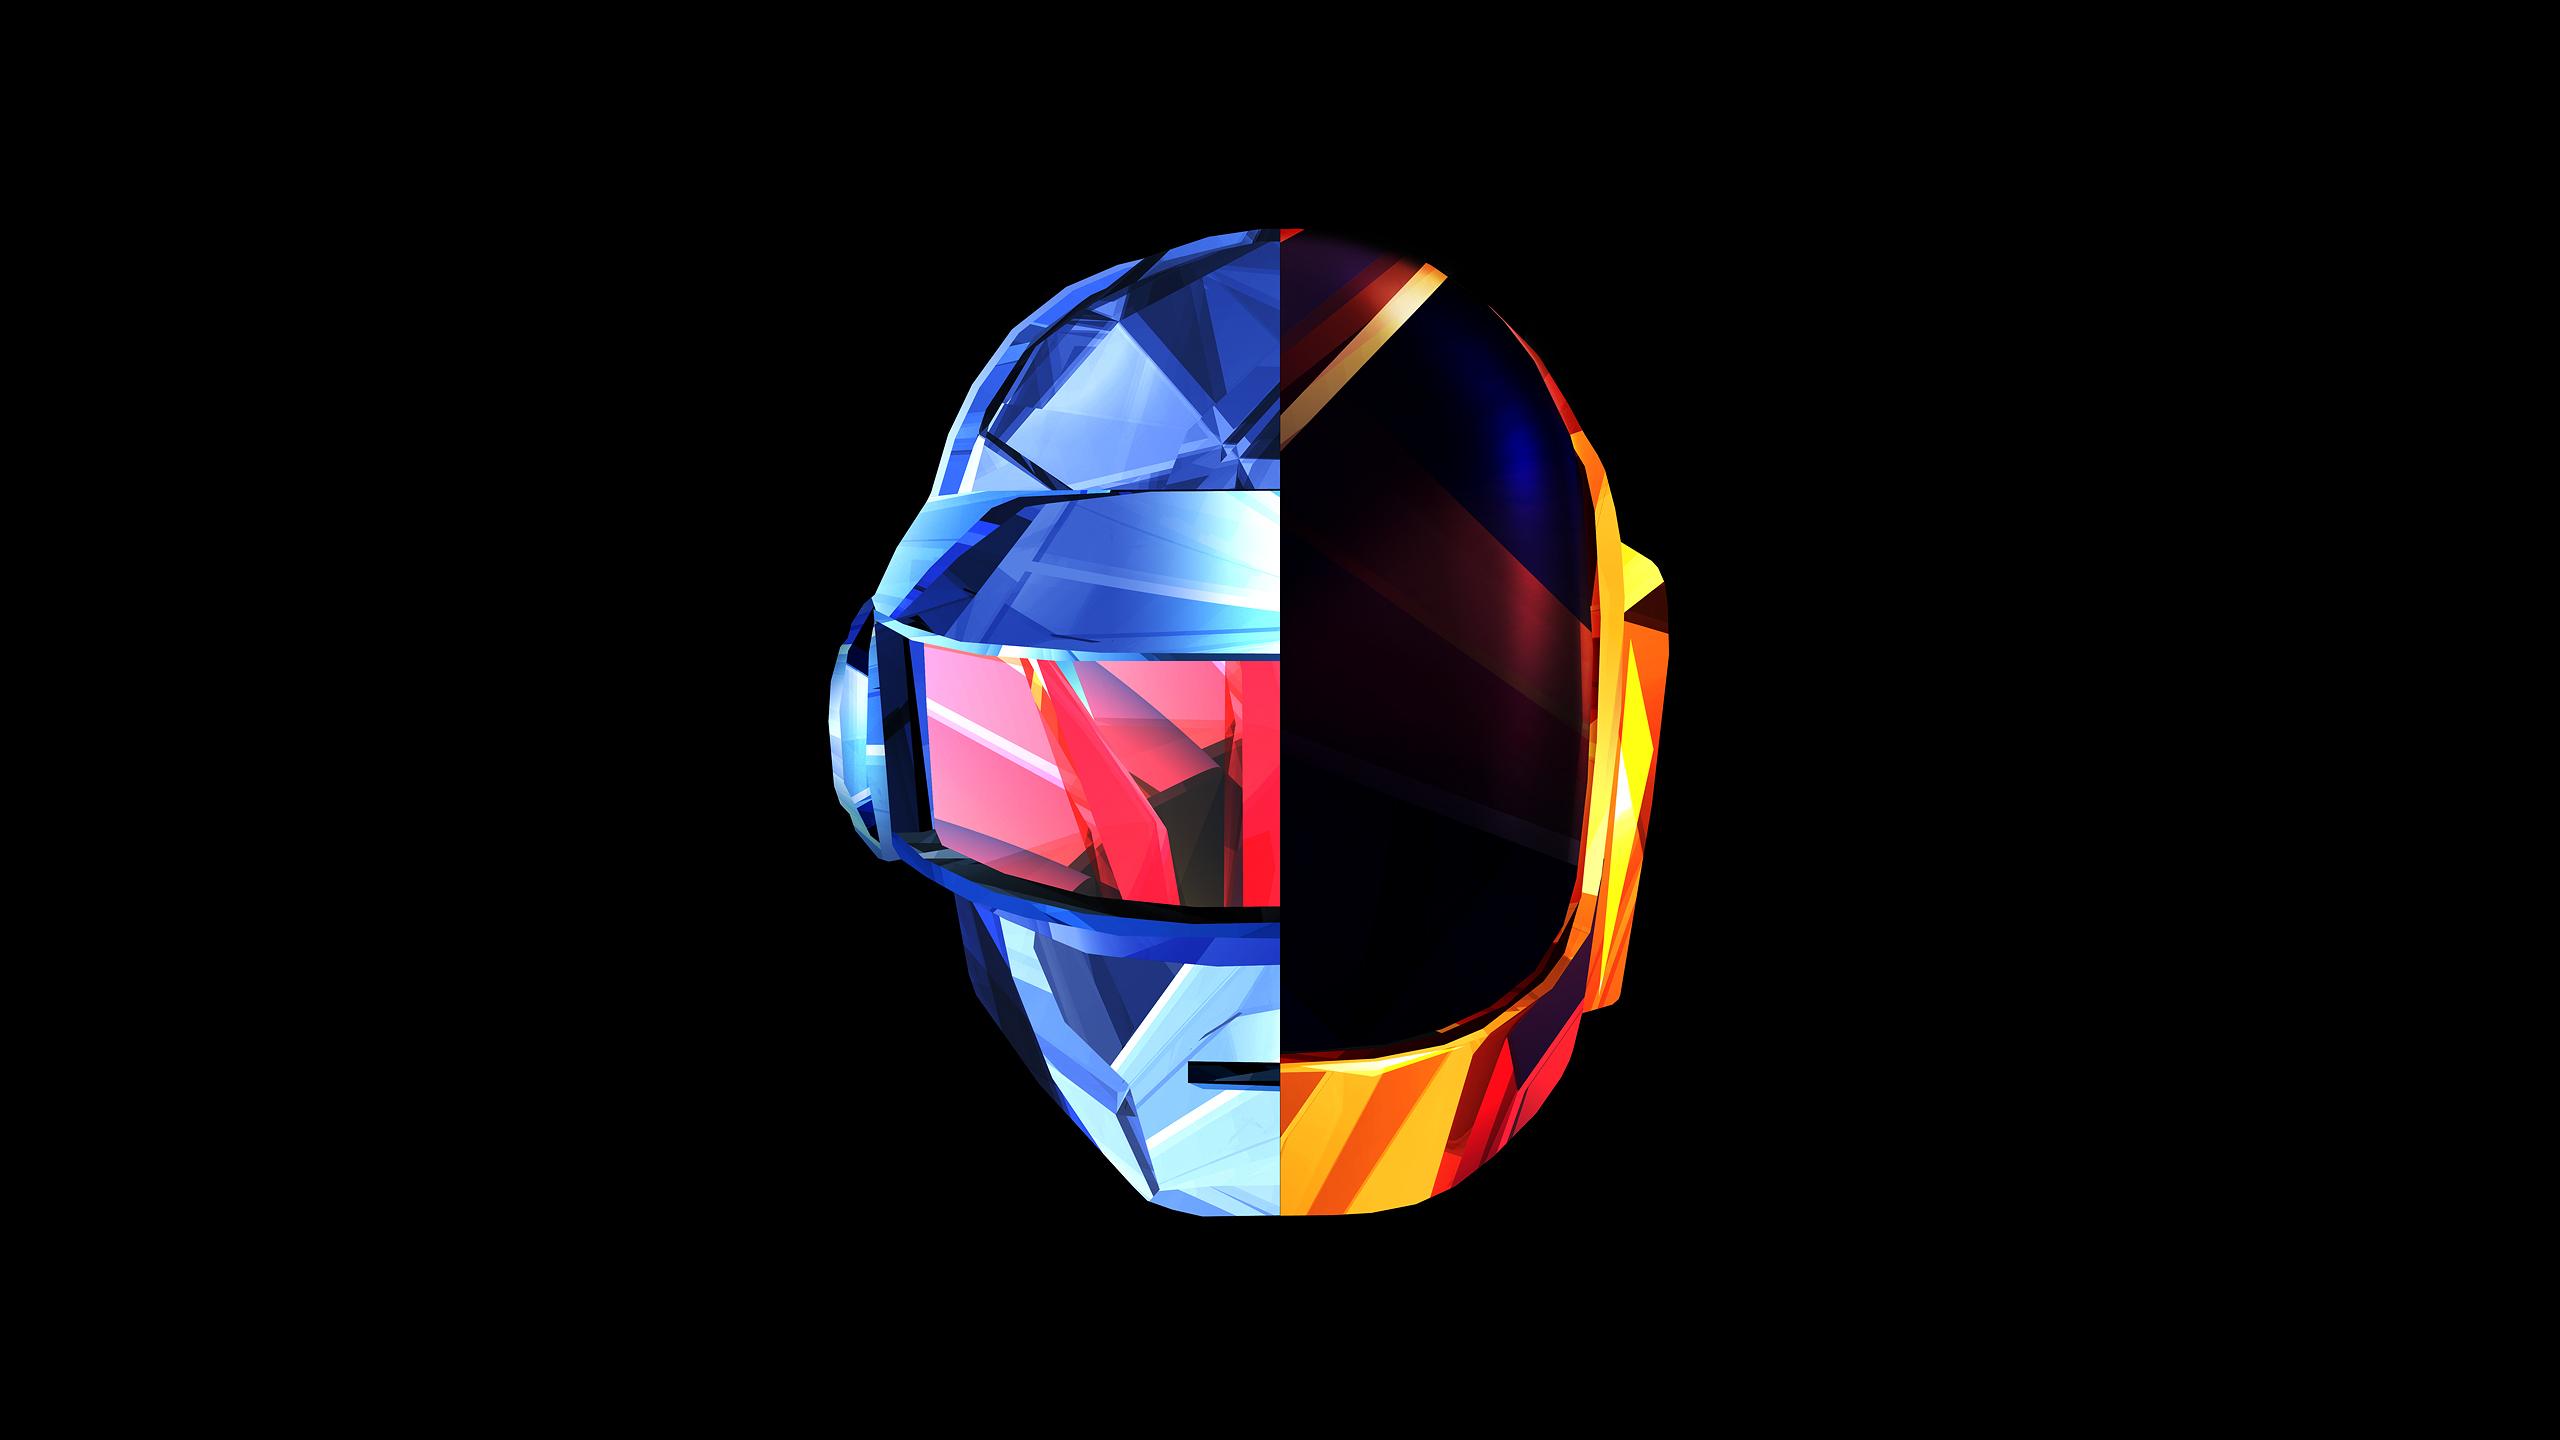 Daft Punk Background - WallpaperSafari